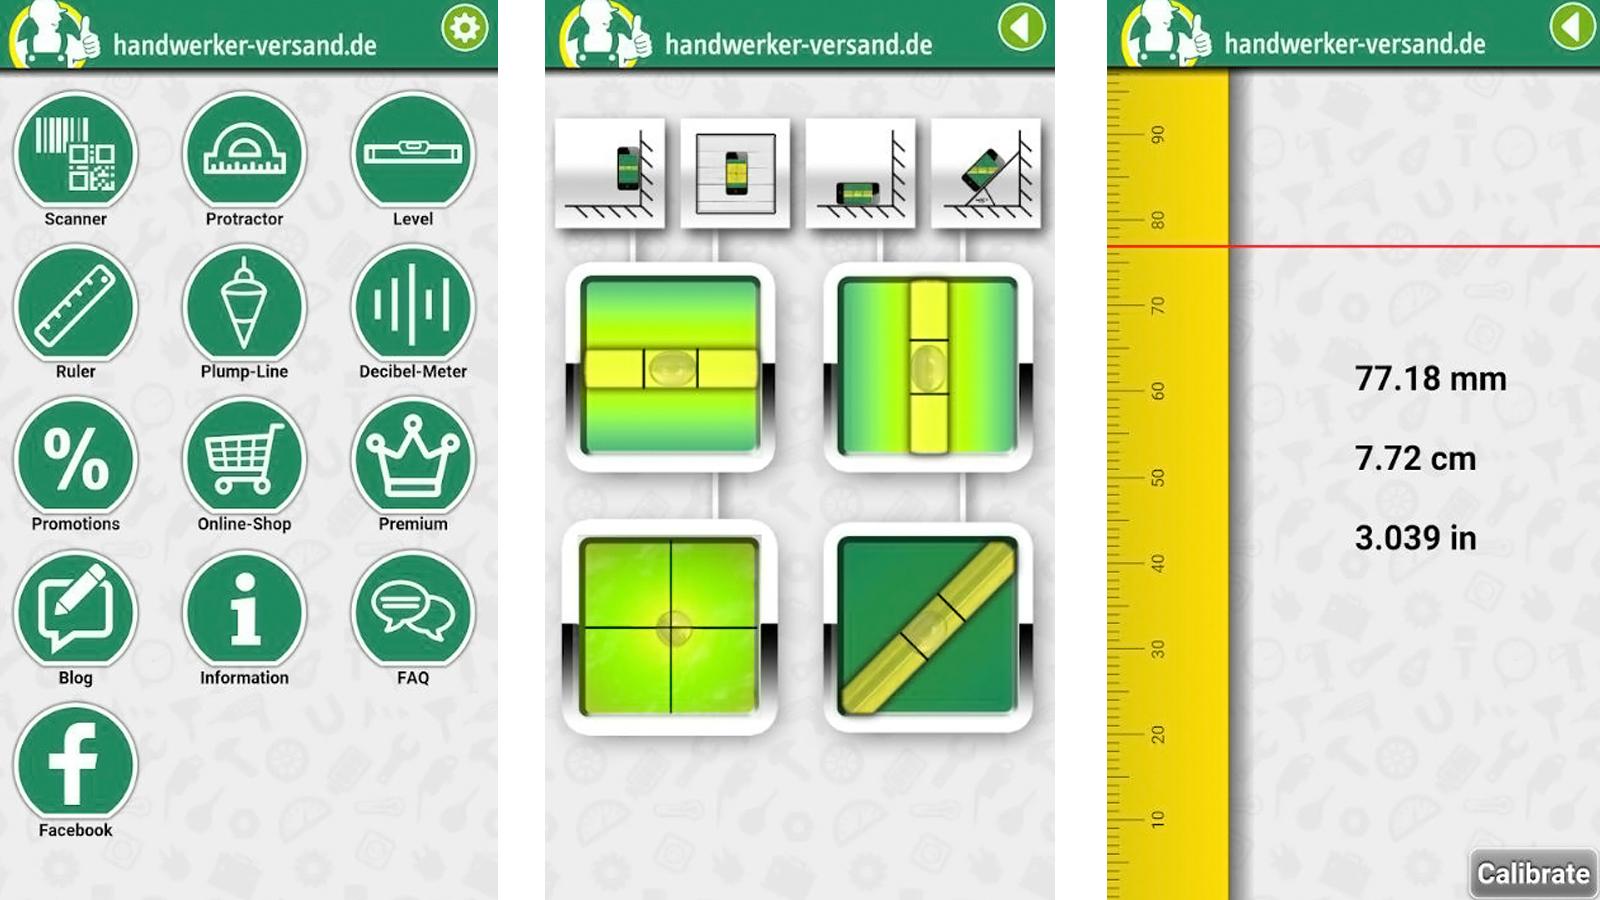 heimwerker-apps: 7 handwerker-apps, die winkelmesser, wasserwaage